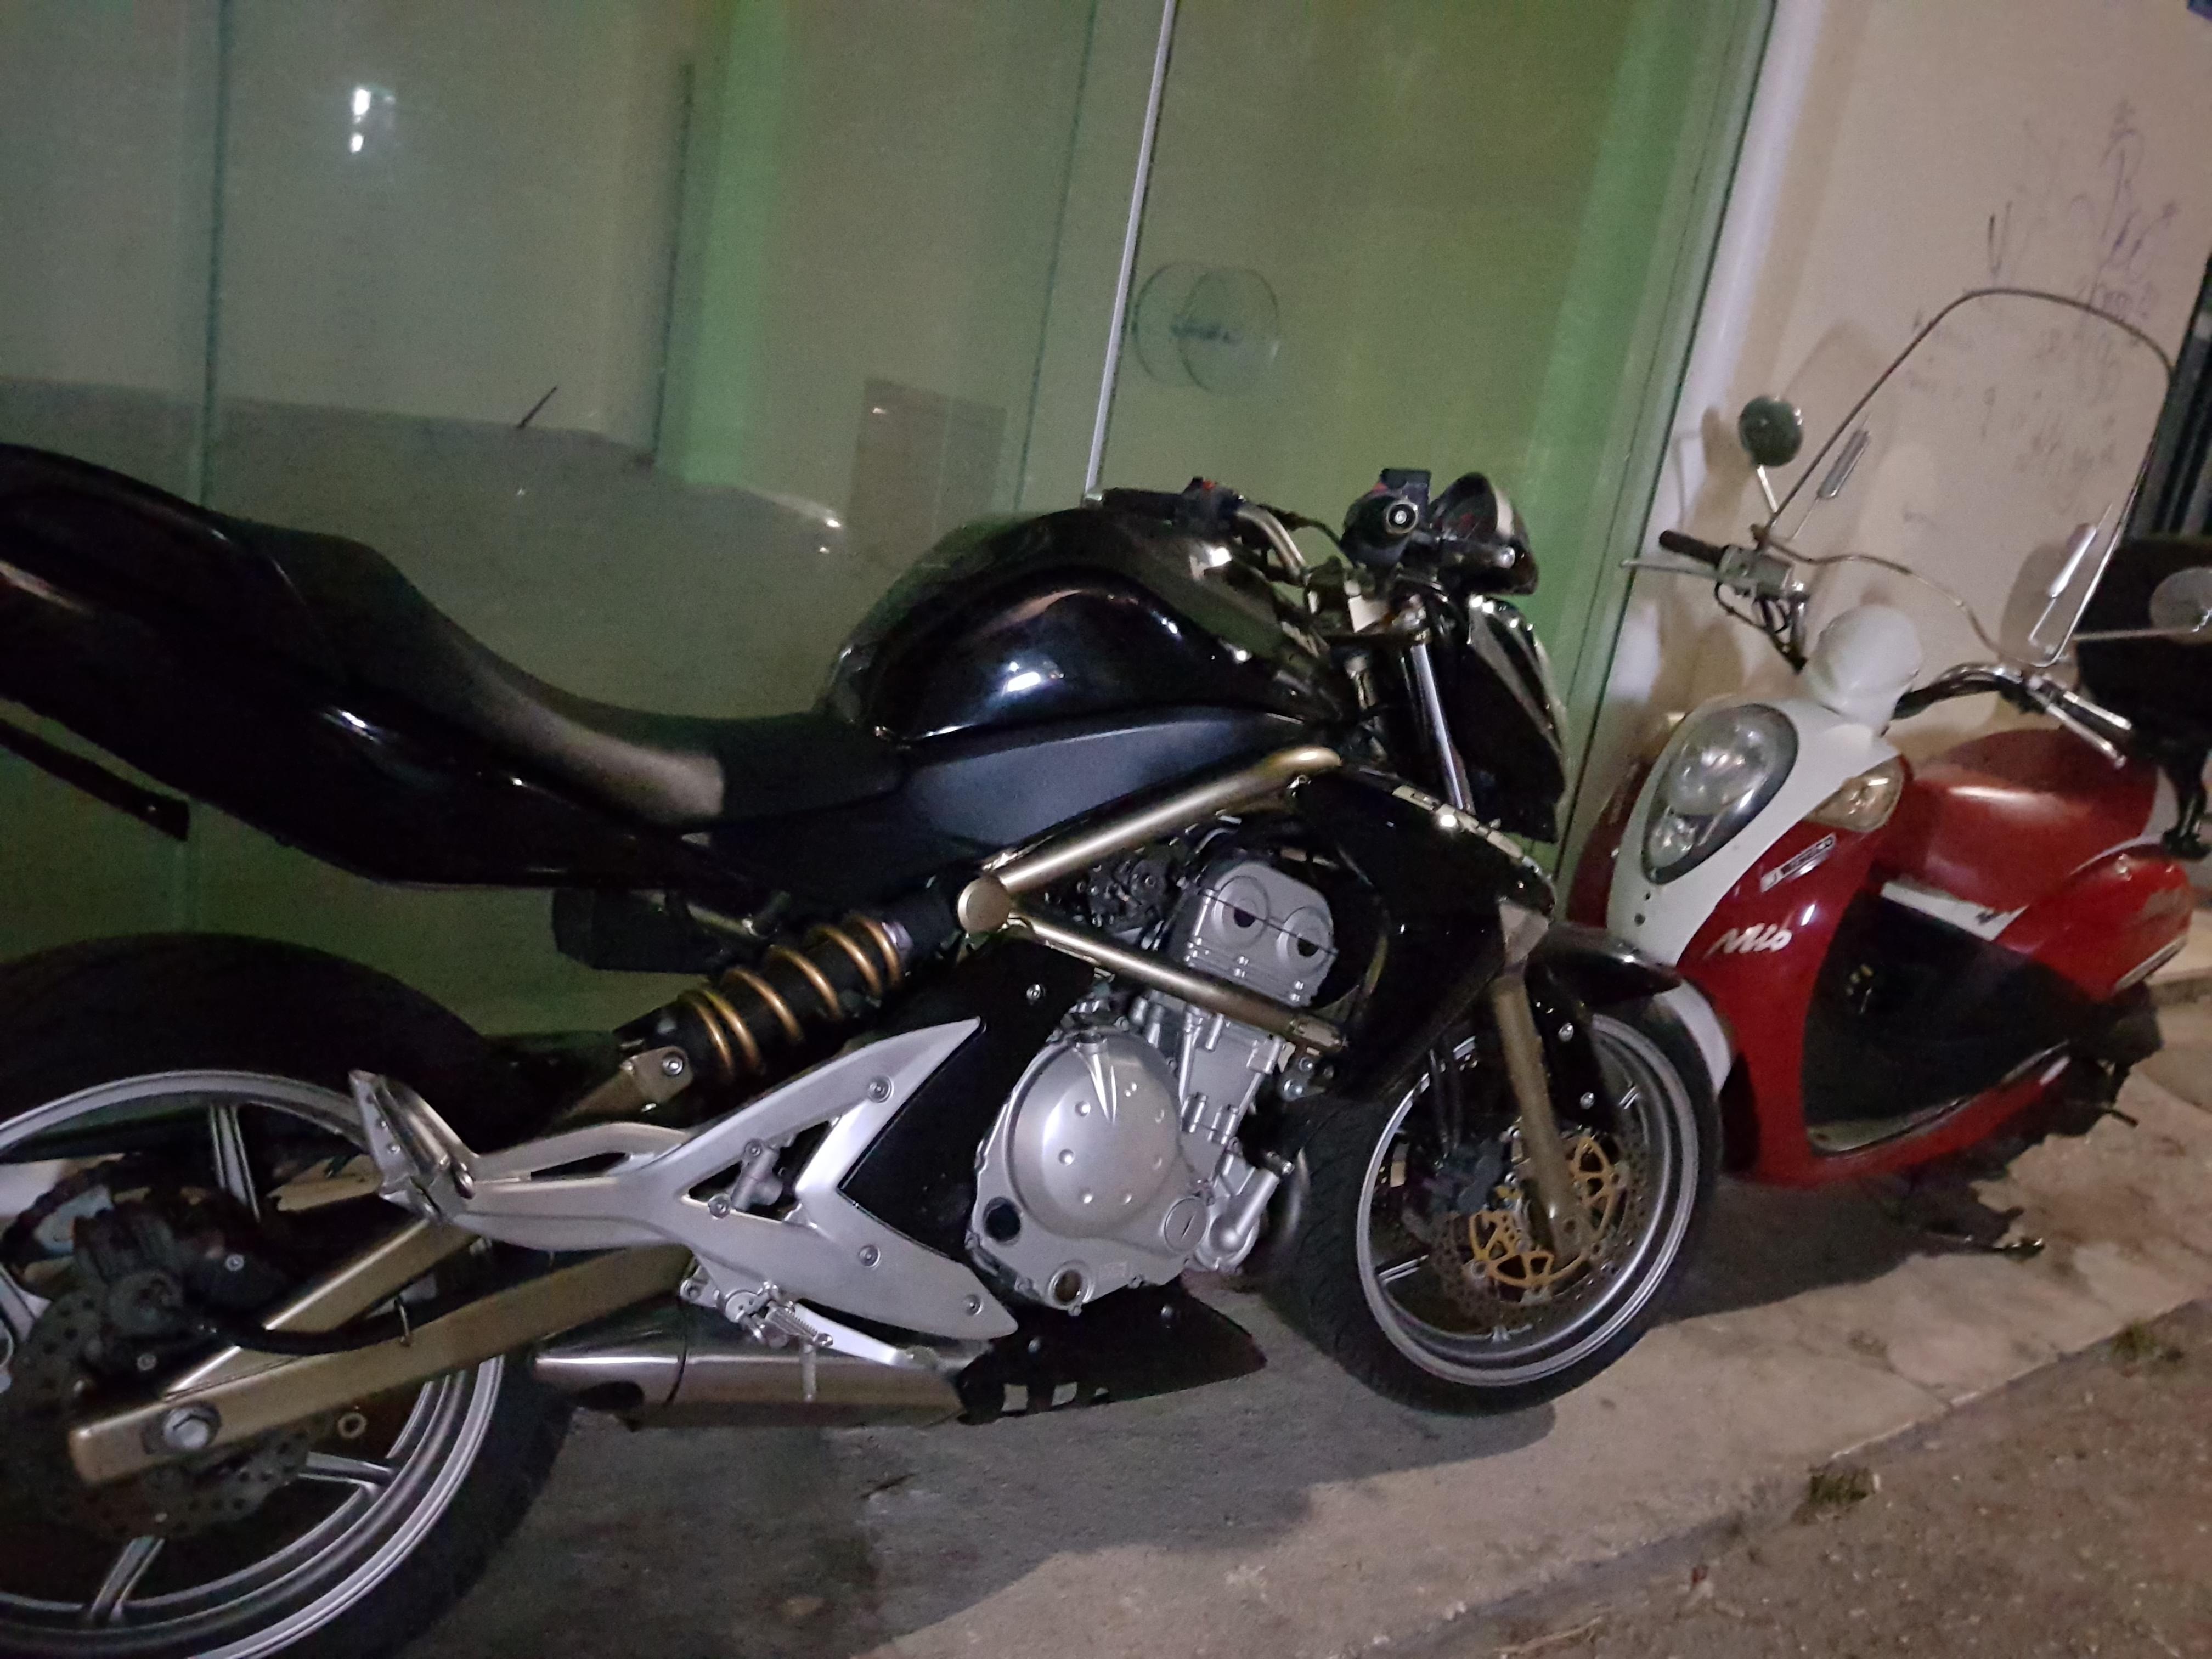 Kawasaki er6n 2008